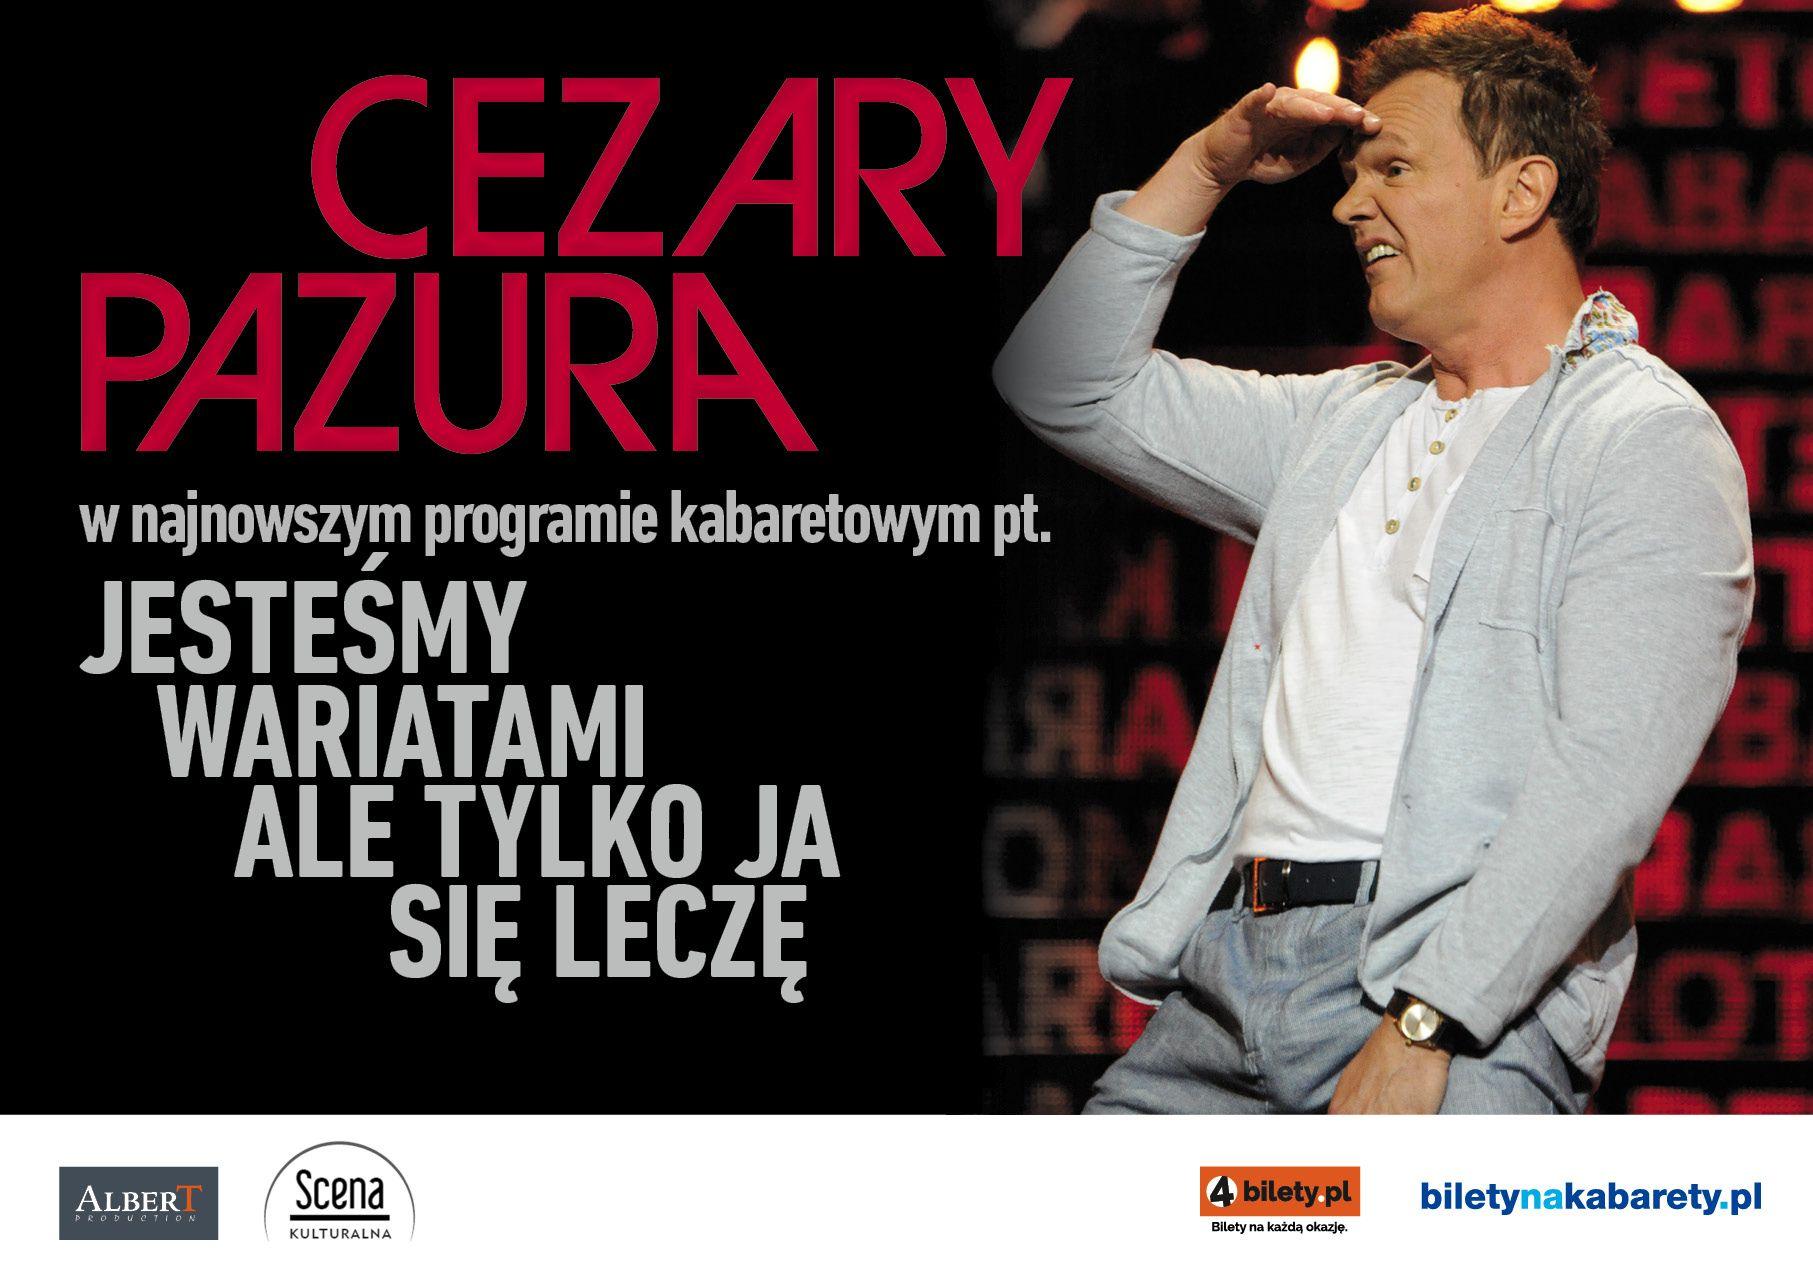 Cezary Pazura Kabaret Drapiezna Postac Polskiej Sceny Satyrycznej Jako Komik Dal Sie Poznac W Pierwszym Polskim Sitcomie 13 Poste Memes Movie Posters Movies